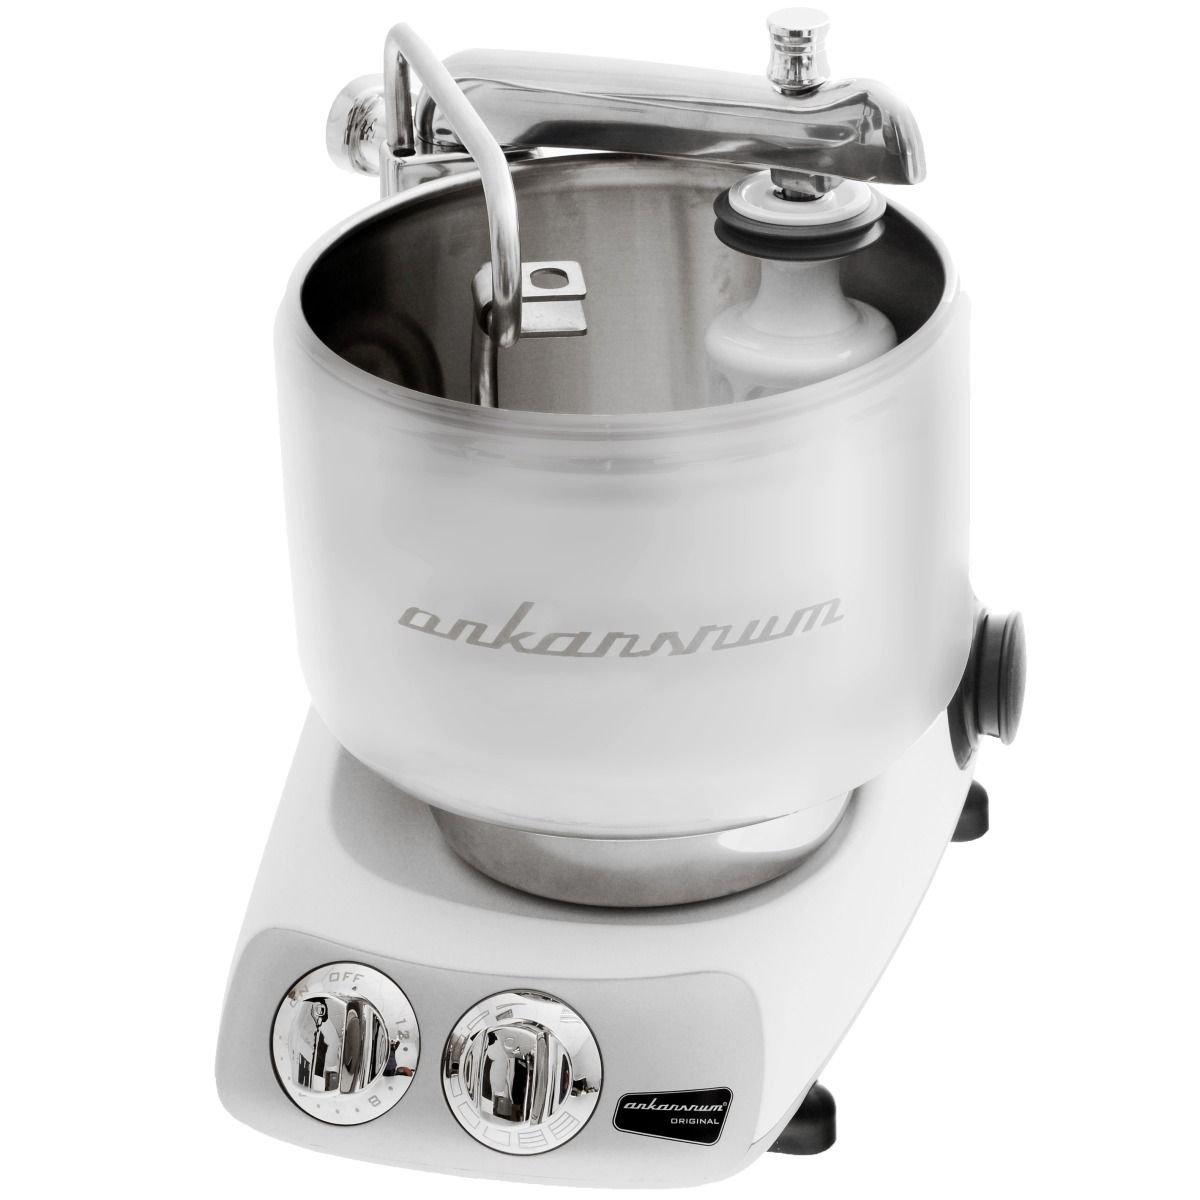 ANKARSRUM 930900081 AKM 6220 MW / Küchenmaschine / weißKundenbewertung: